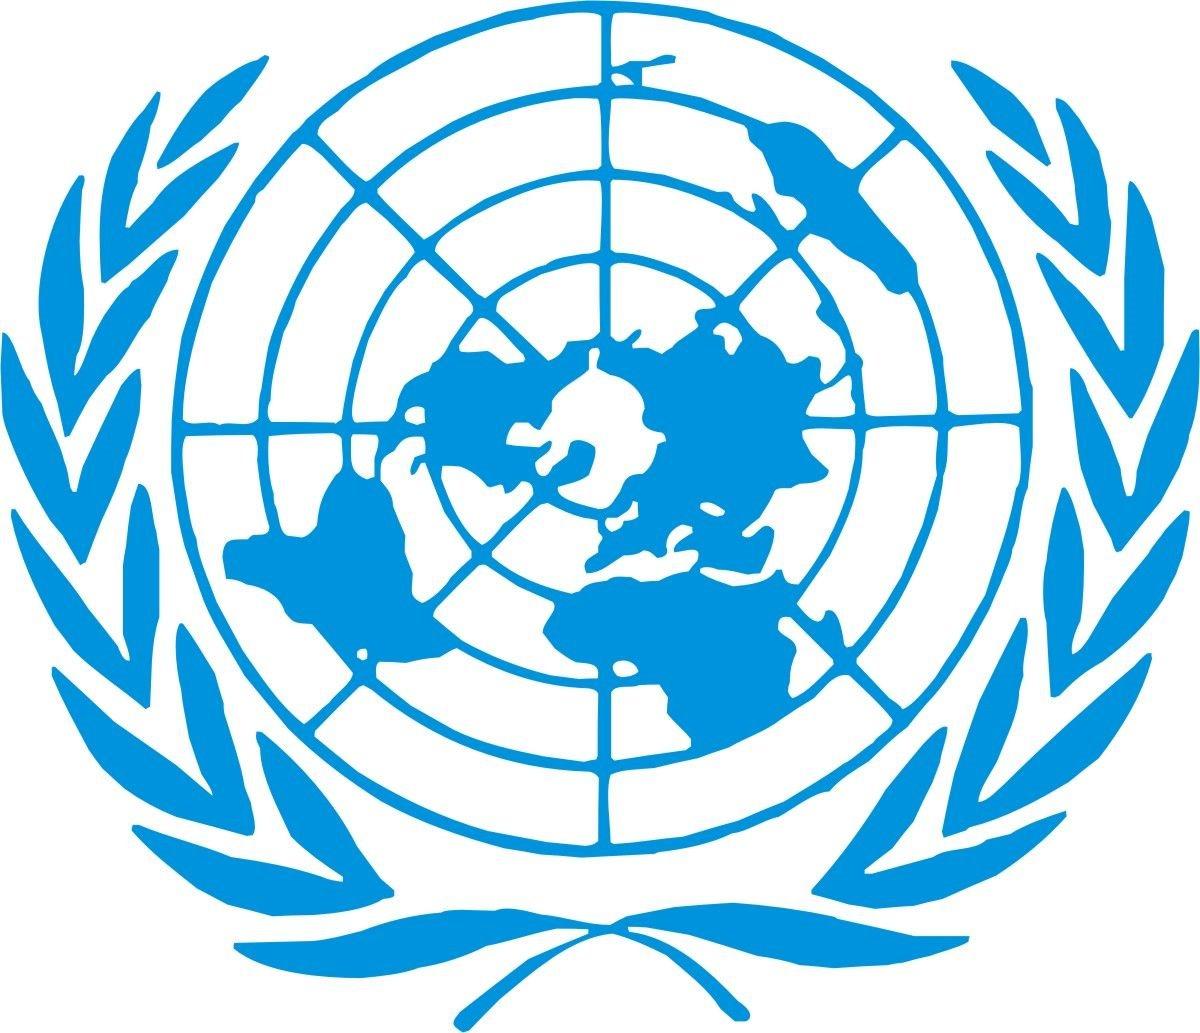 مكتب الأمم المتحدة لخدمات المشاريع: توظيف مساعد إداري و مالي بالرباط. آخر أجل هو 17 مارس 2013